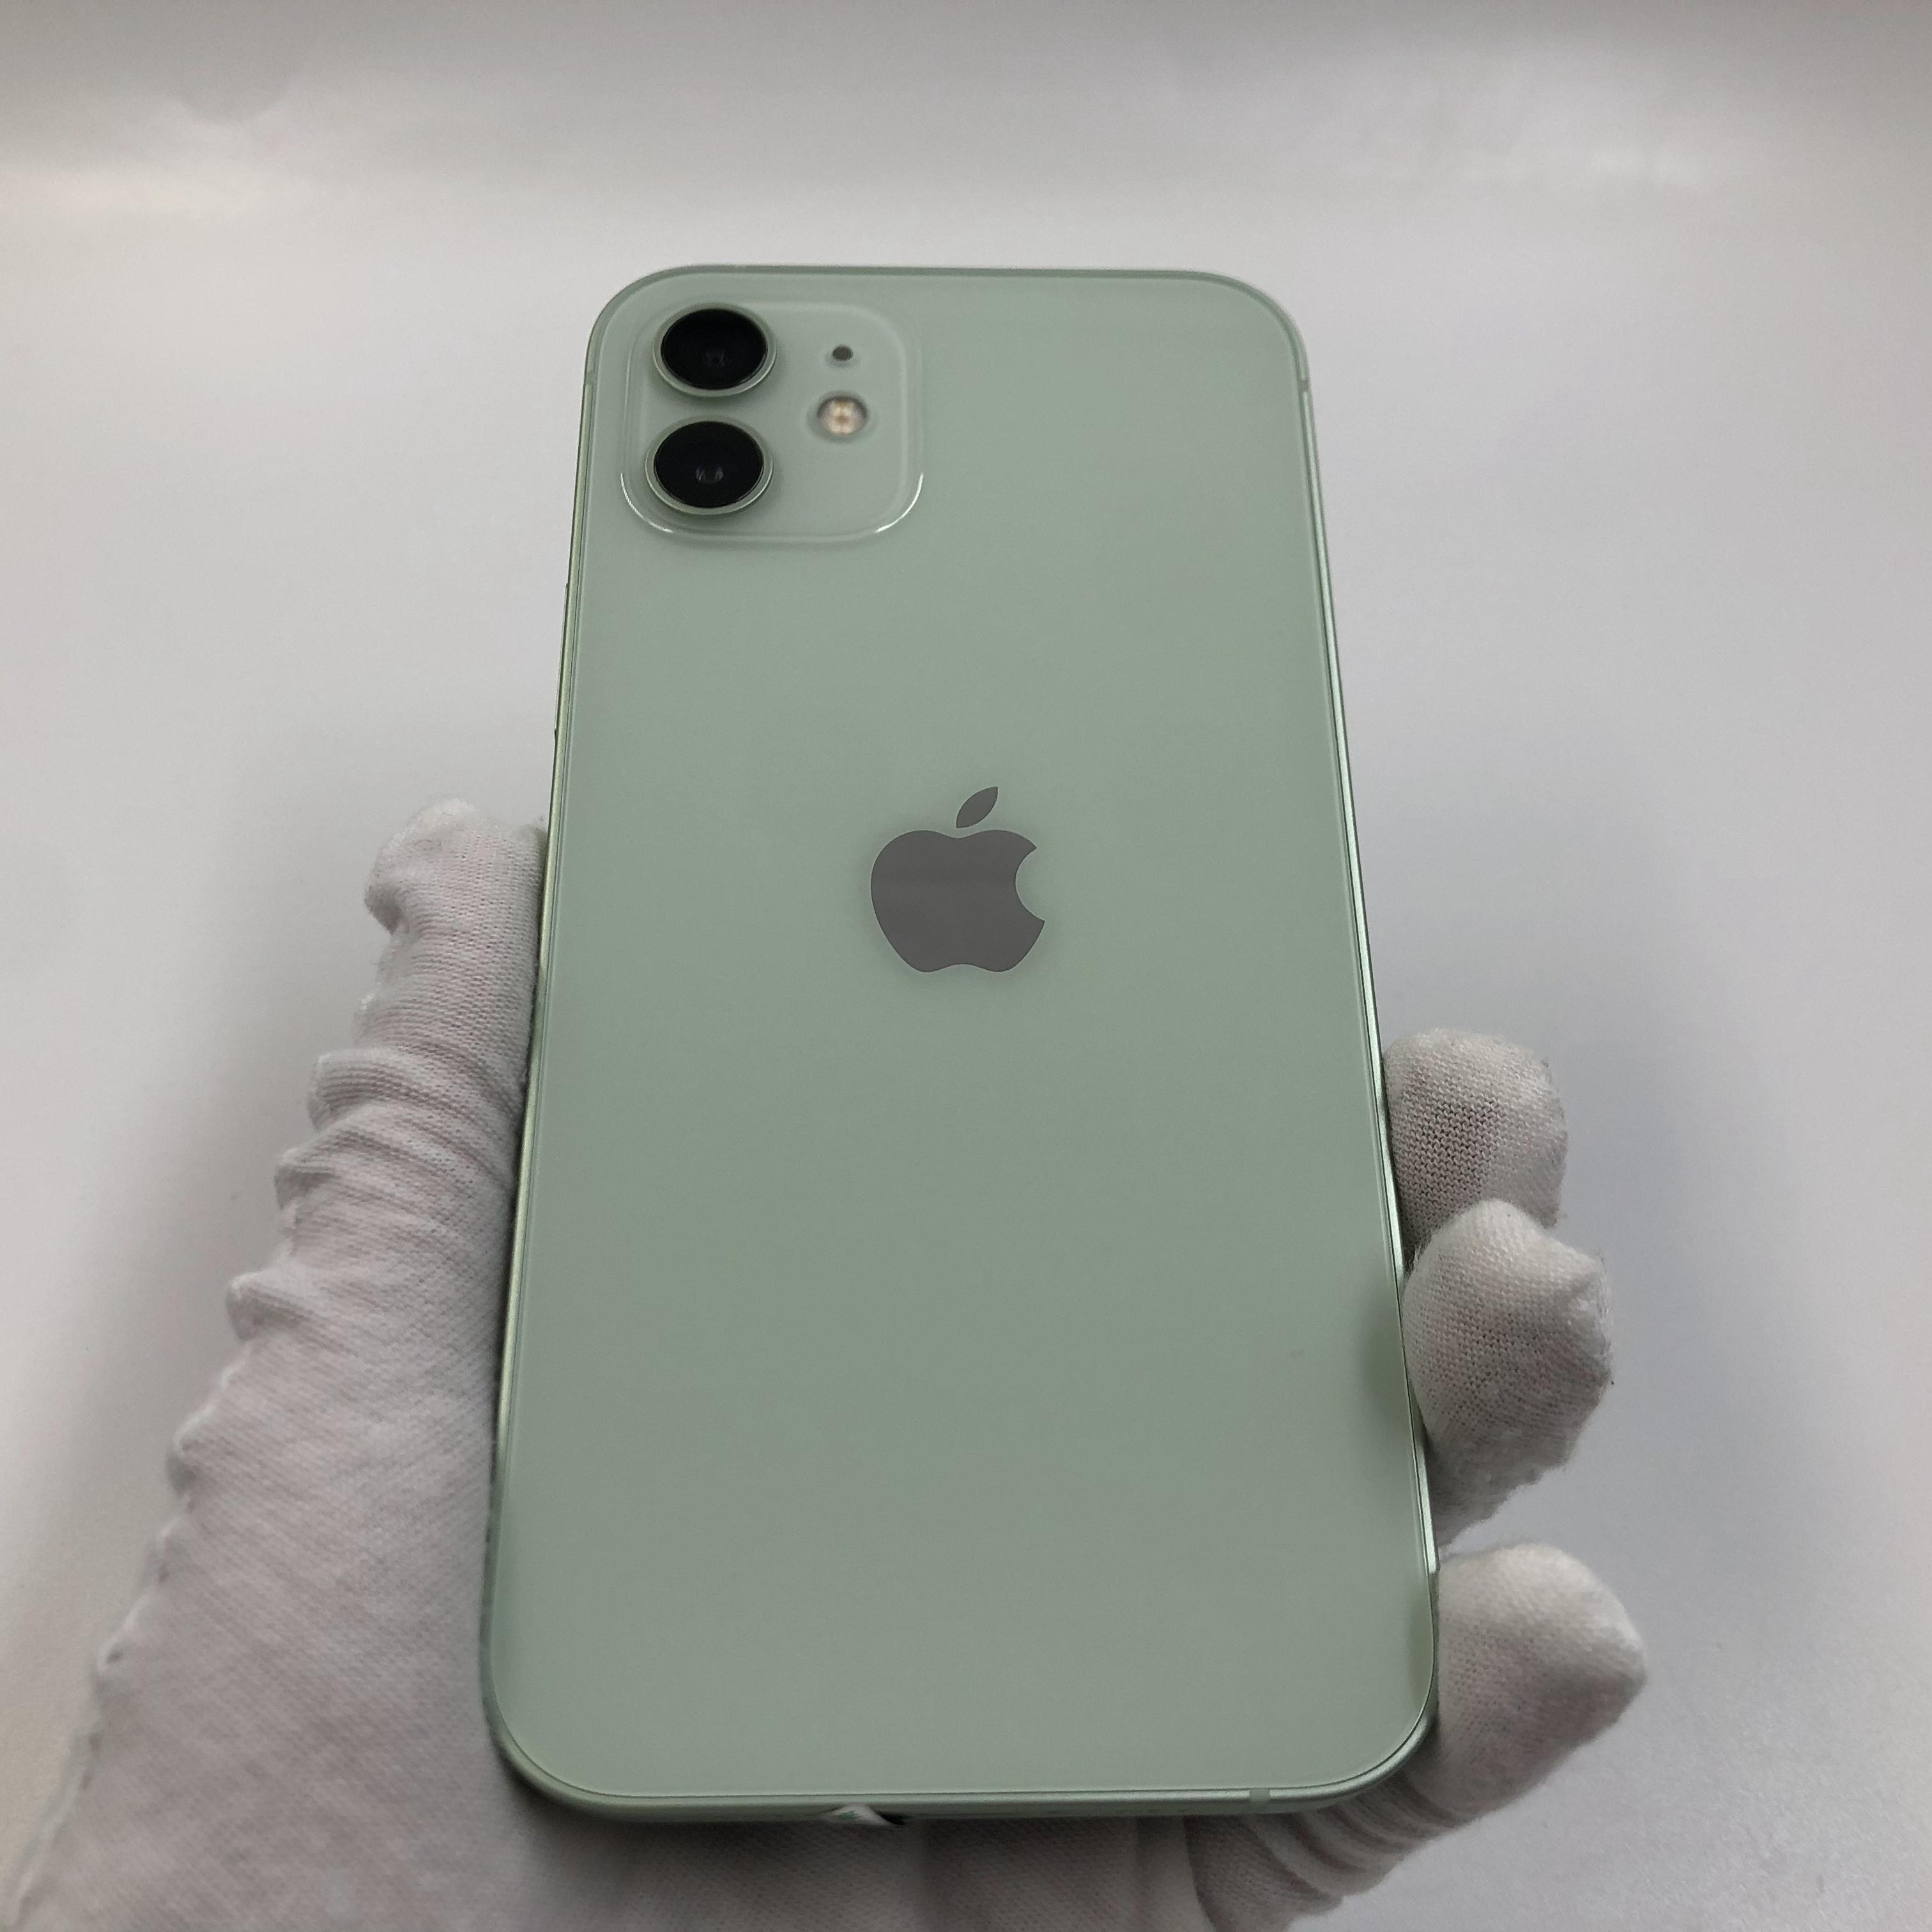 苹果【iPhone 12】5G全网通 绿色 128G 国行 99新 真机实拍保修2022-02-07